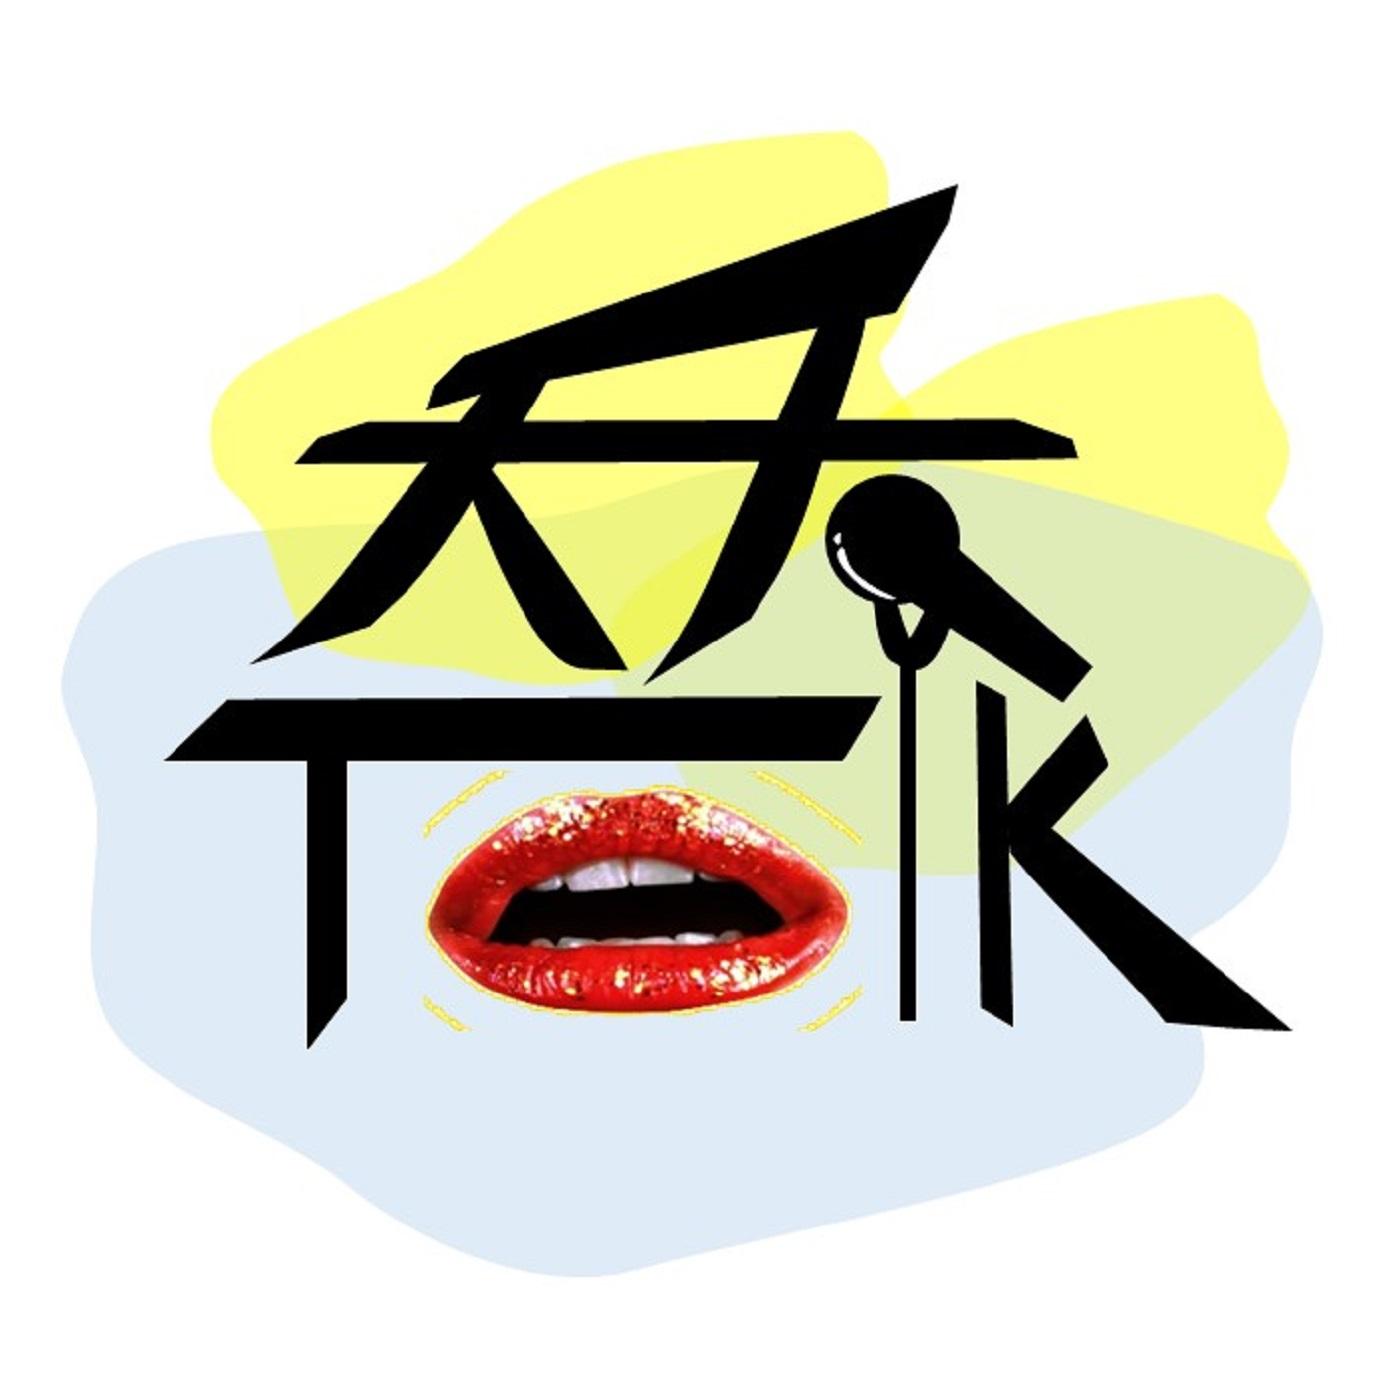 夭夭Talk 第25集 - 落山風吹完了,搭上聽風號開往恆春半島吧 專訪 聽風號